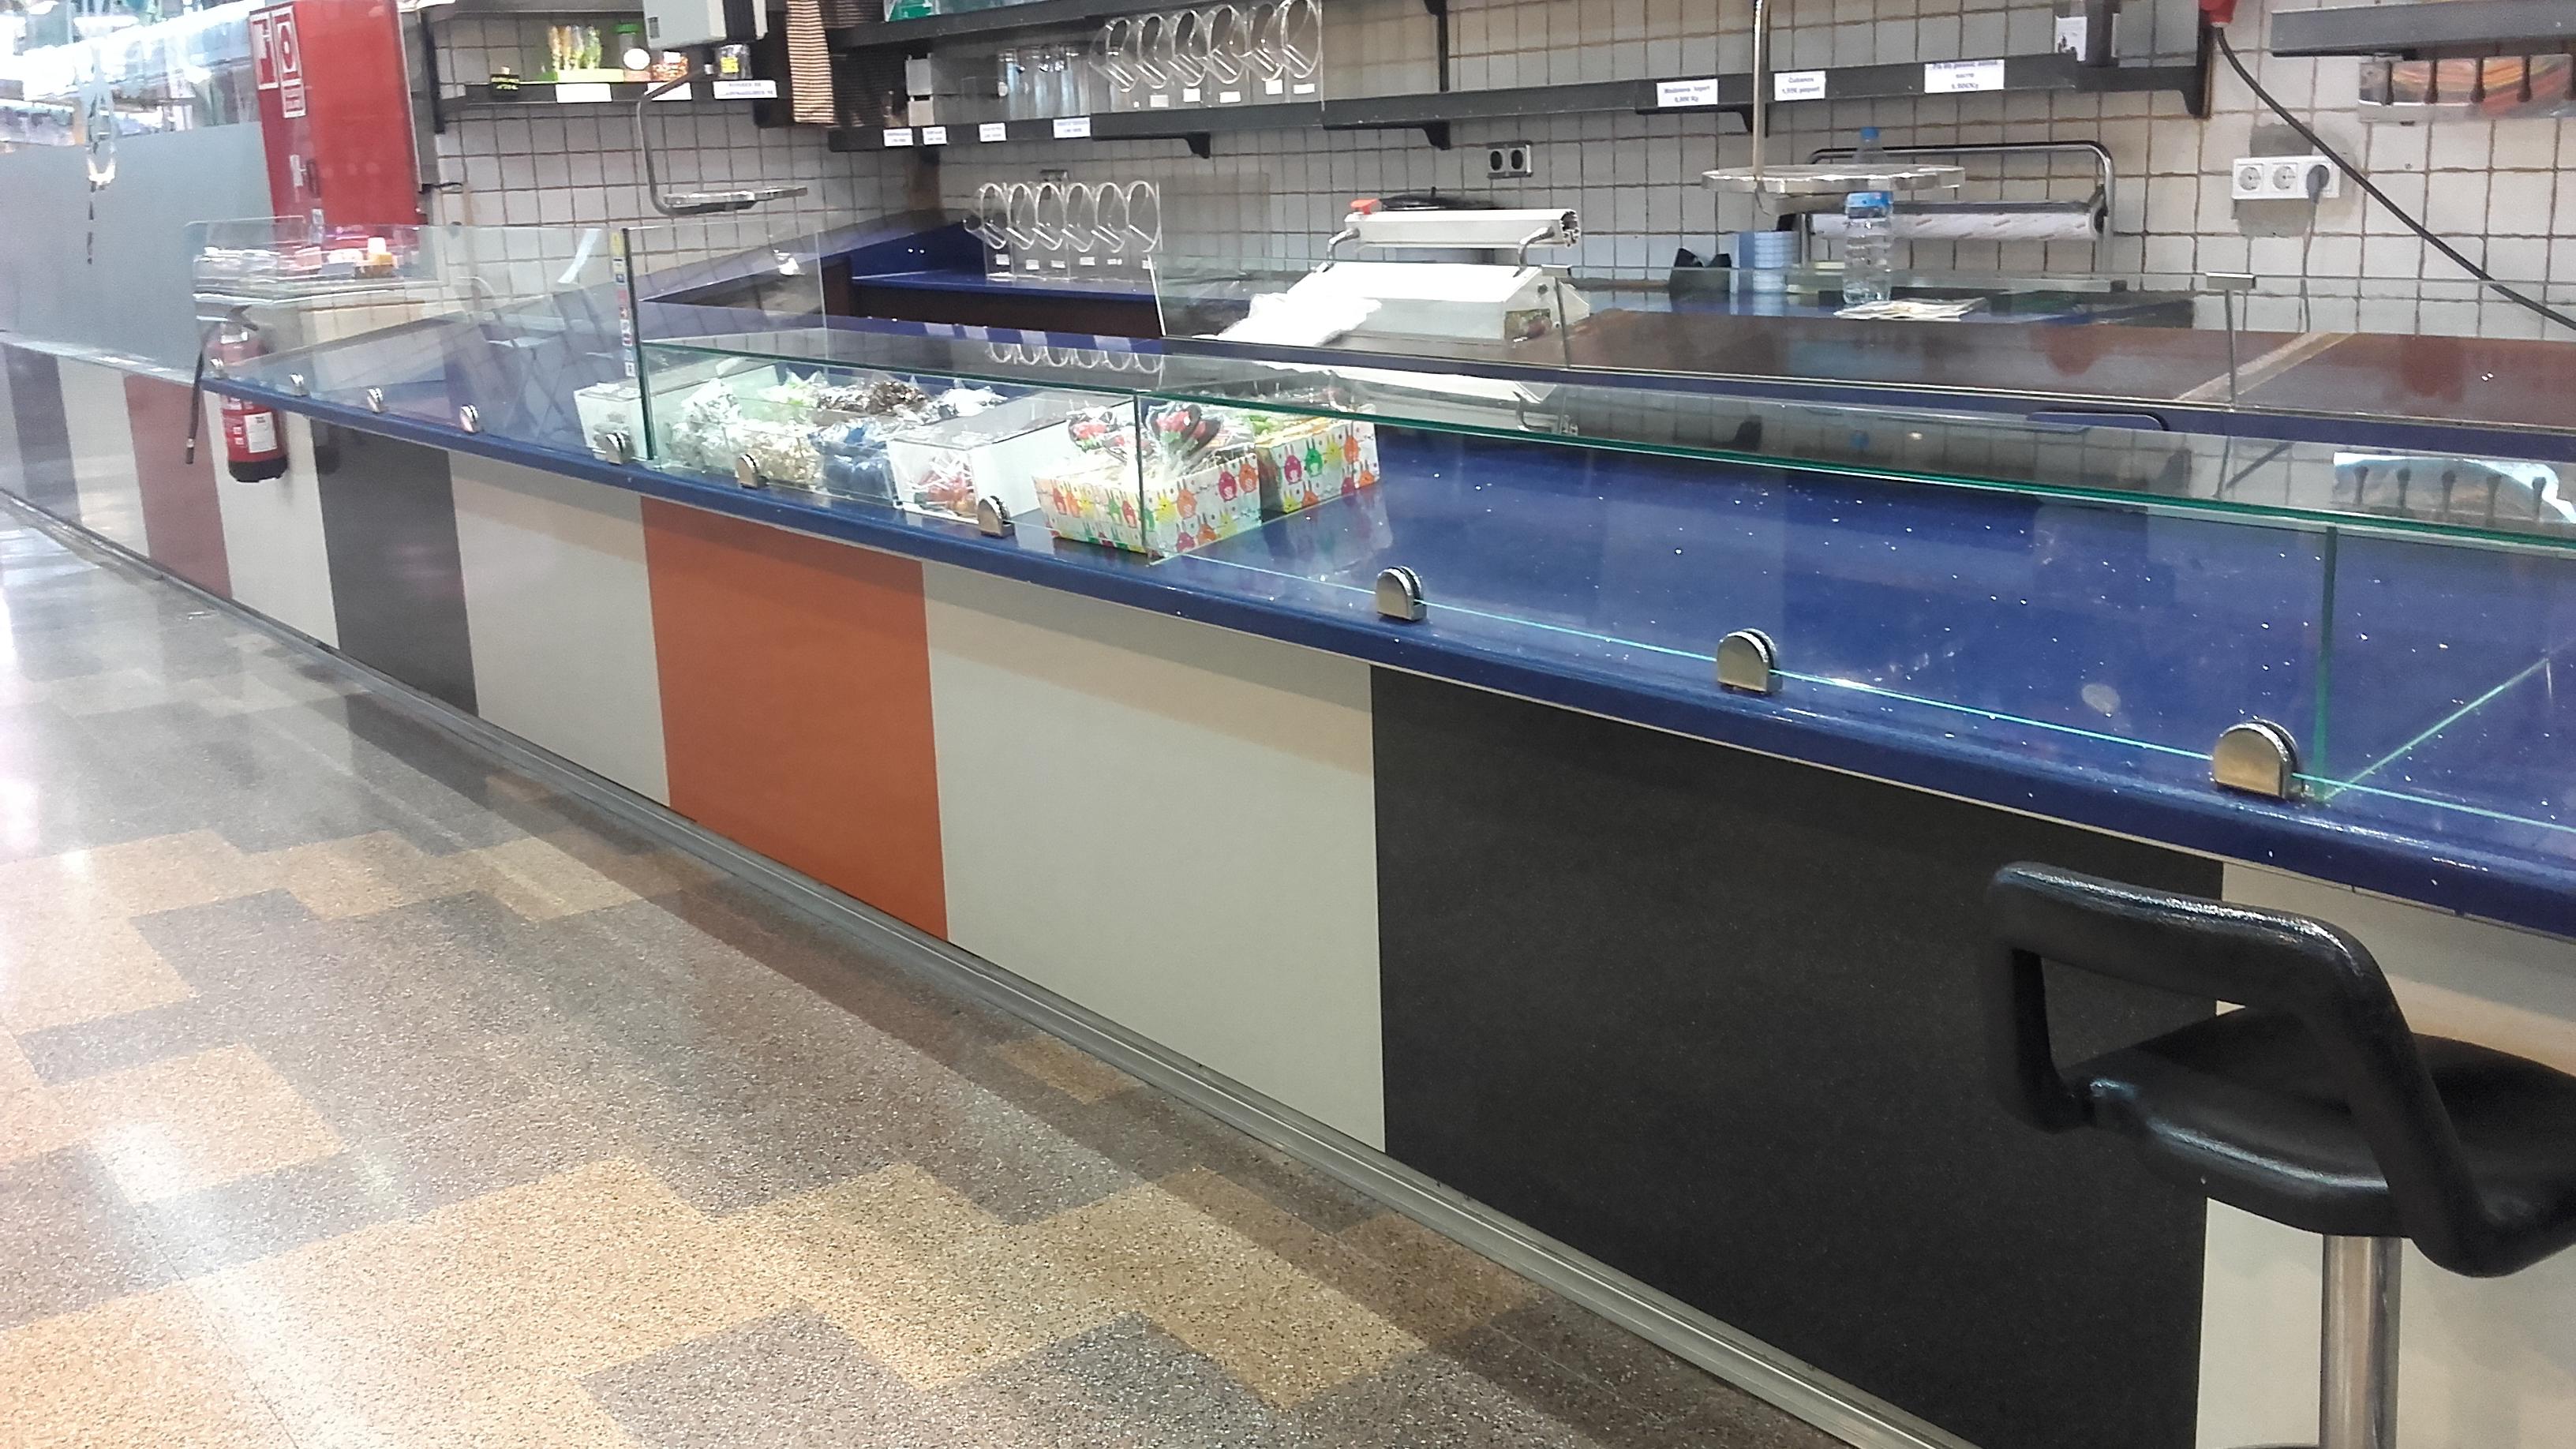 Reforma bar parada mercado central sabadell2